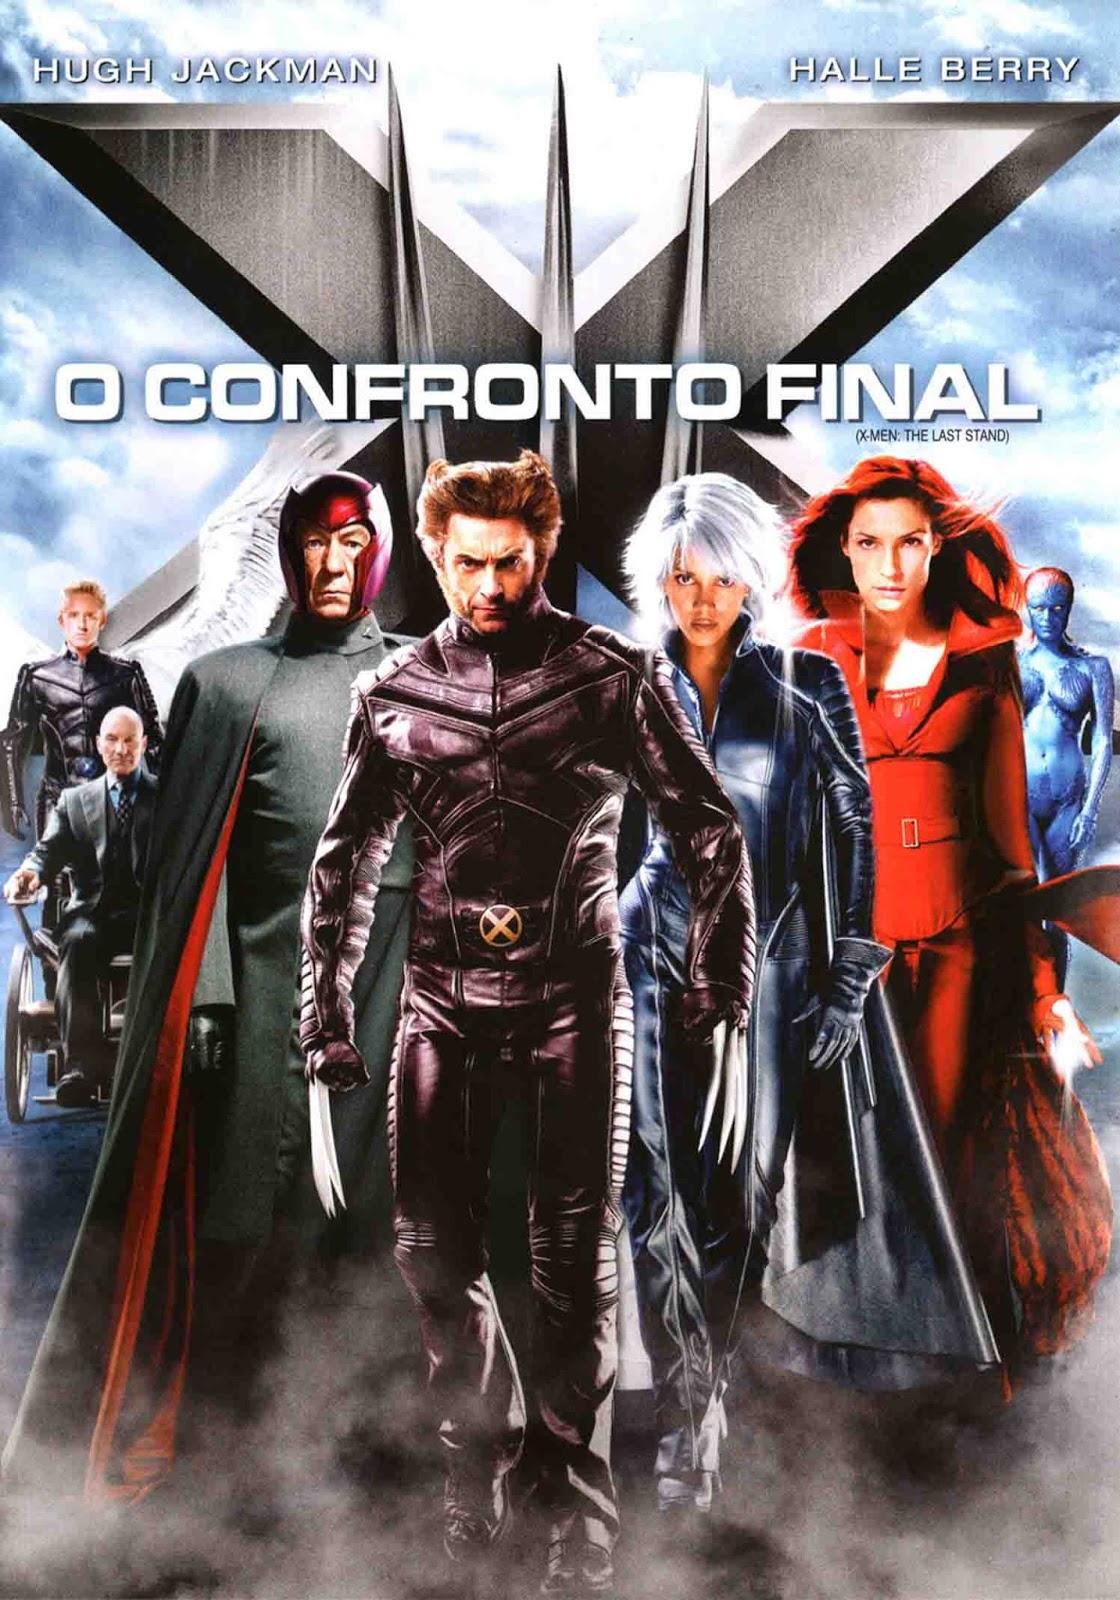 X-Men: O Confronto Final Torrent - BluRay 720p/1080p Dual Áudio